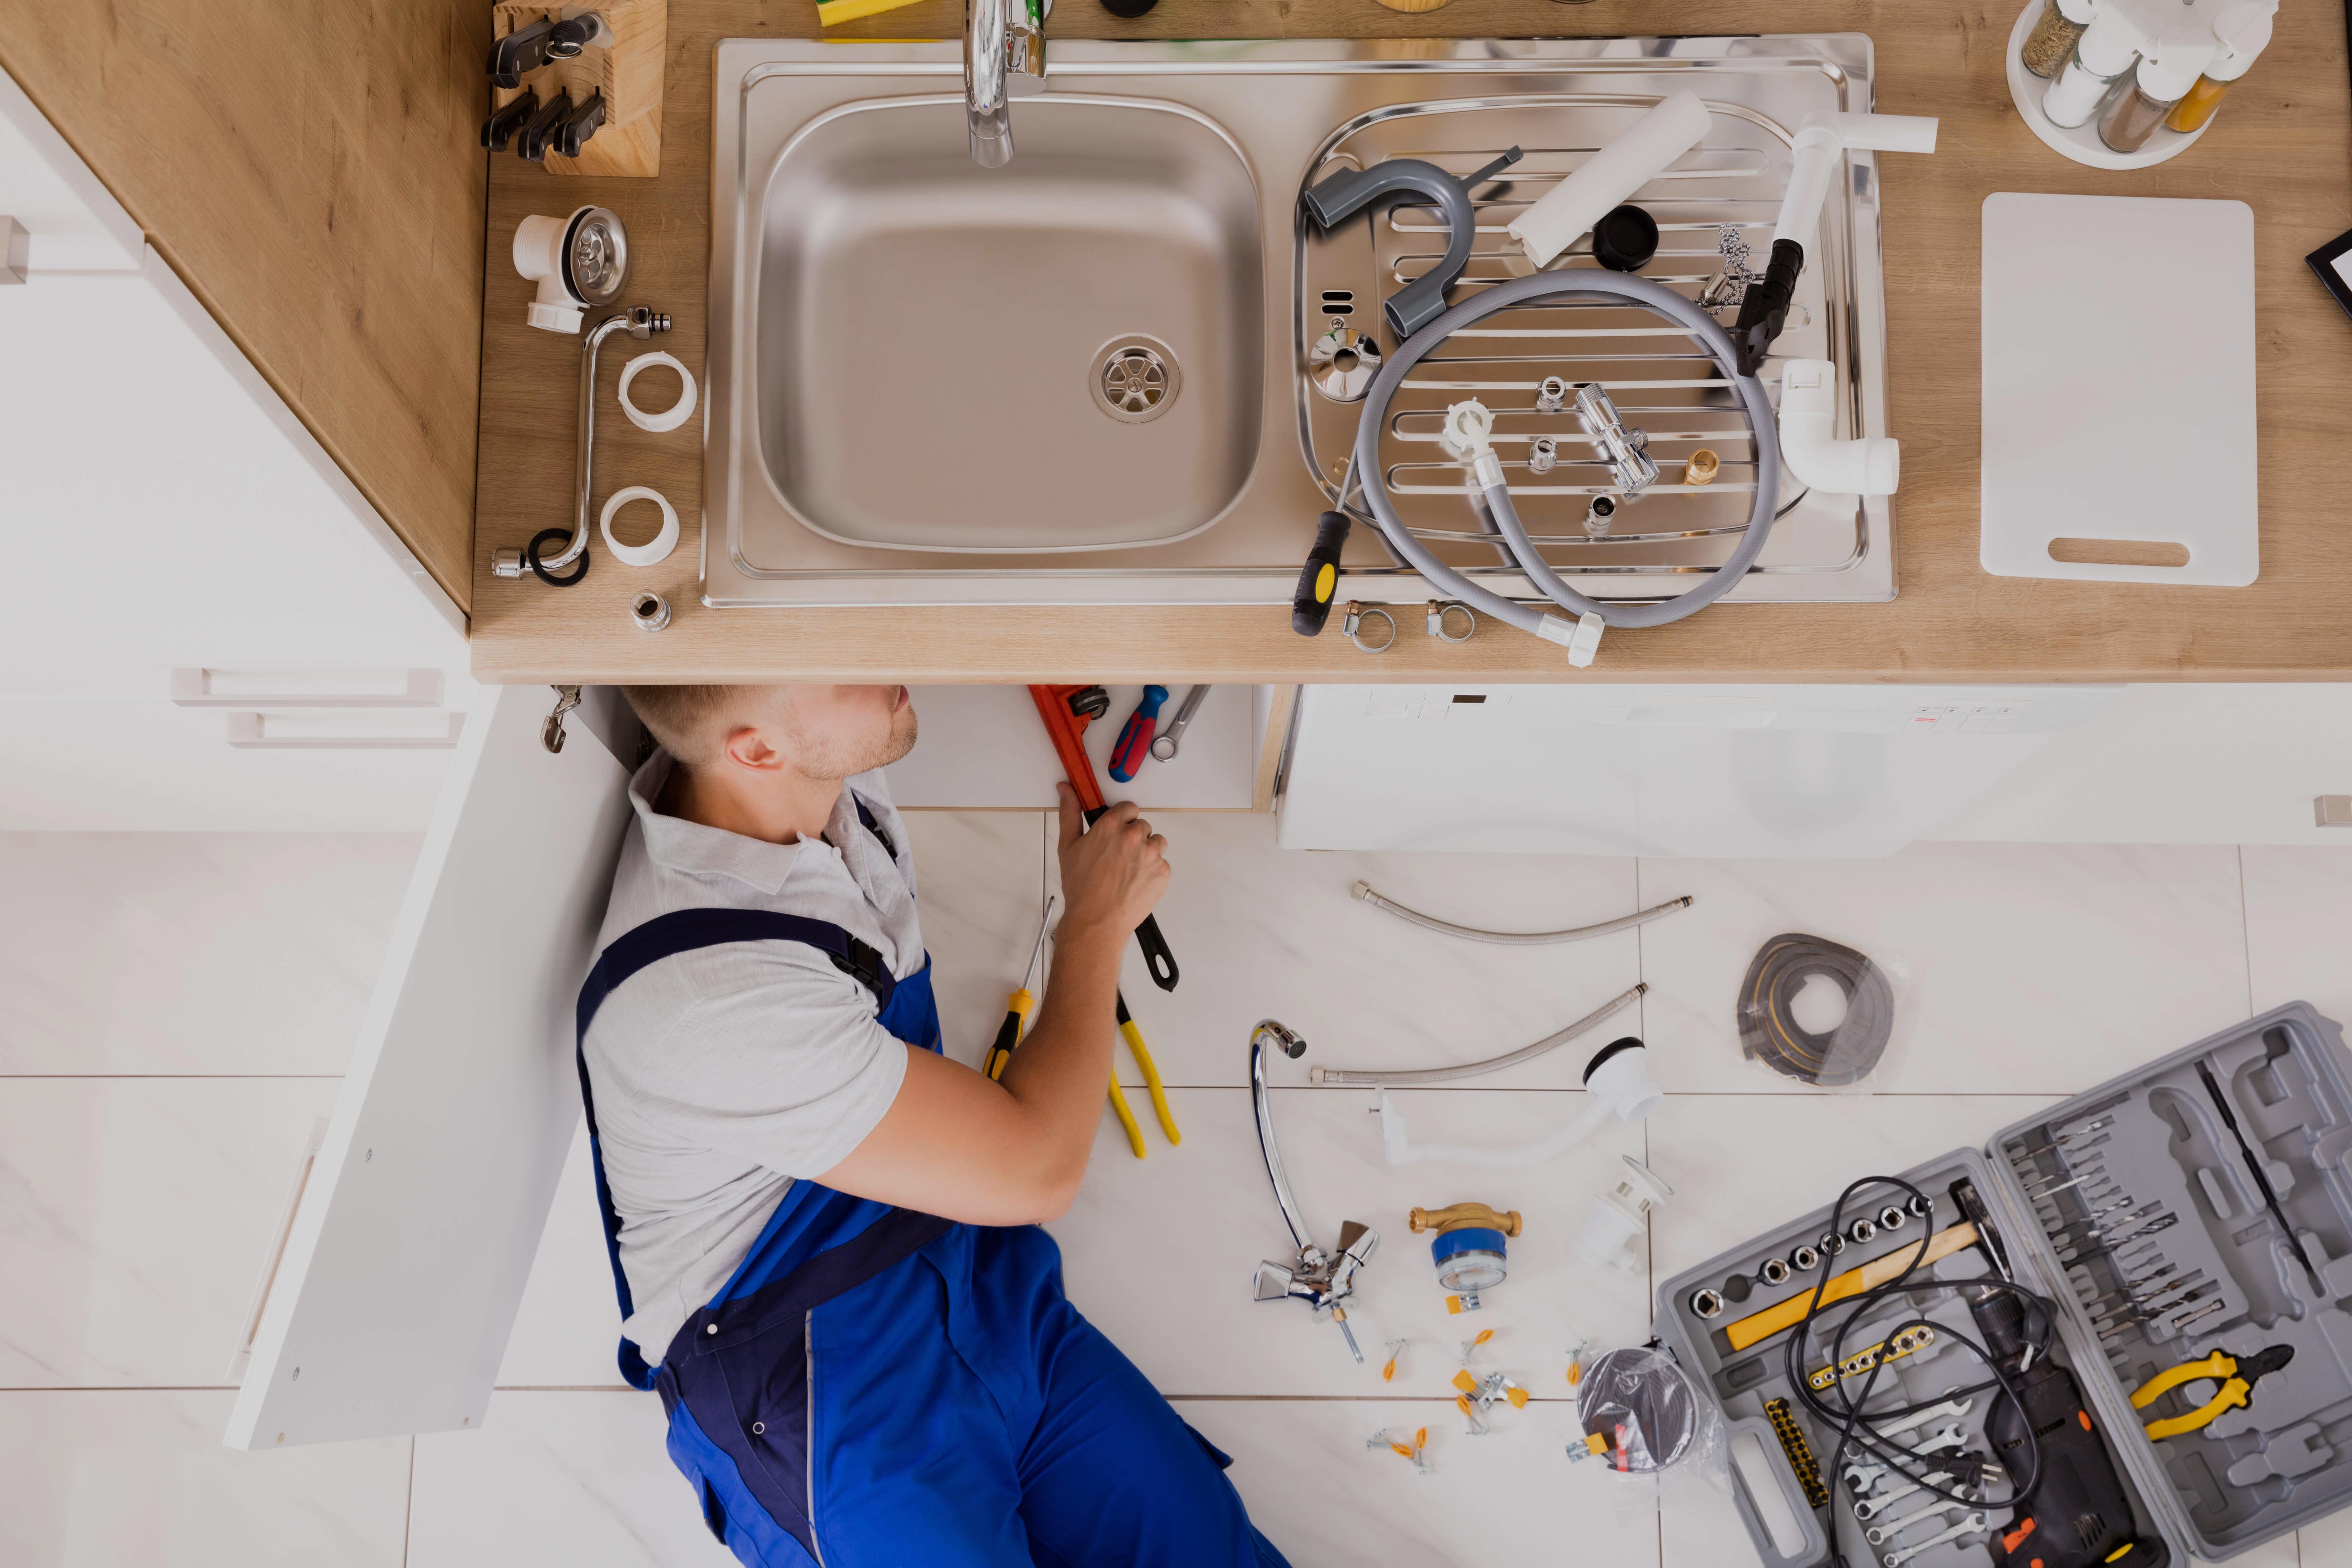 Plombier qui travaille sous un lavabo |Plombier | Plomberie Lafleur | Montréal